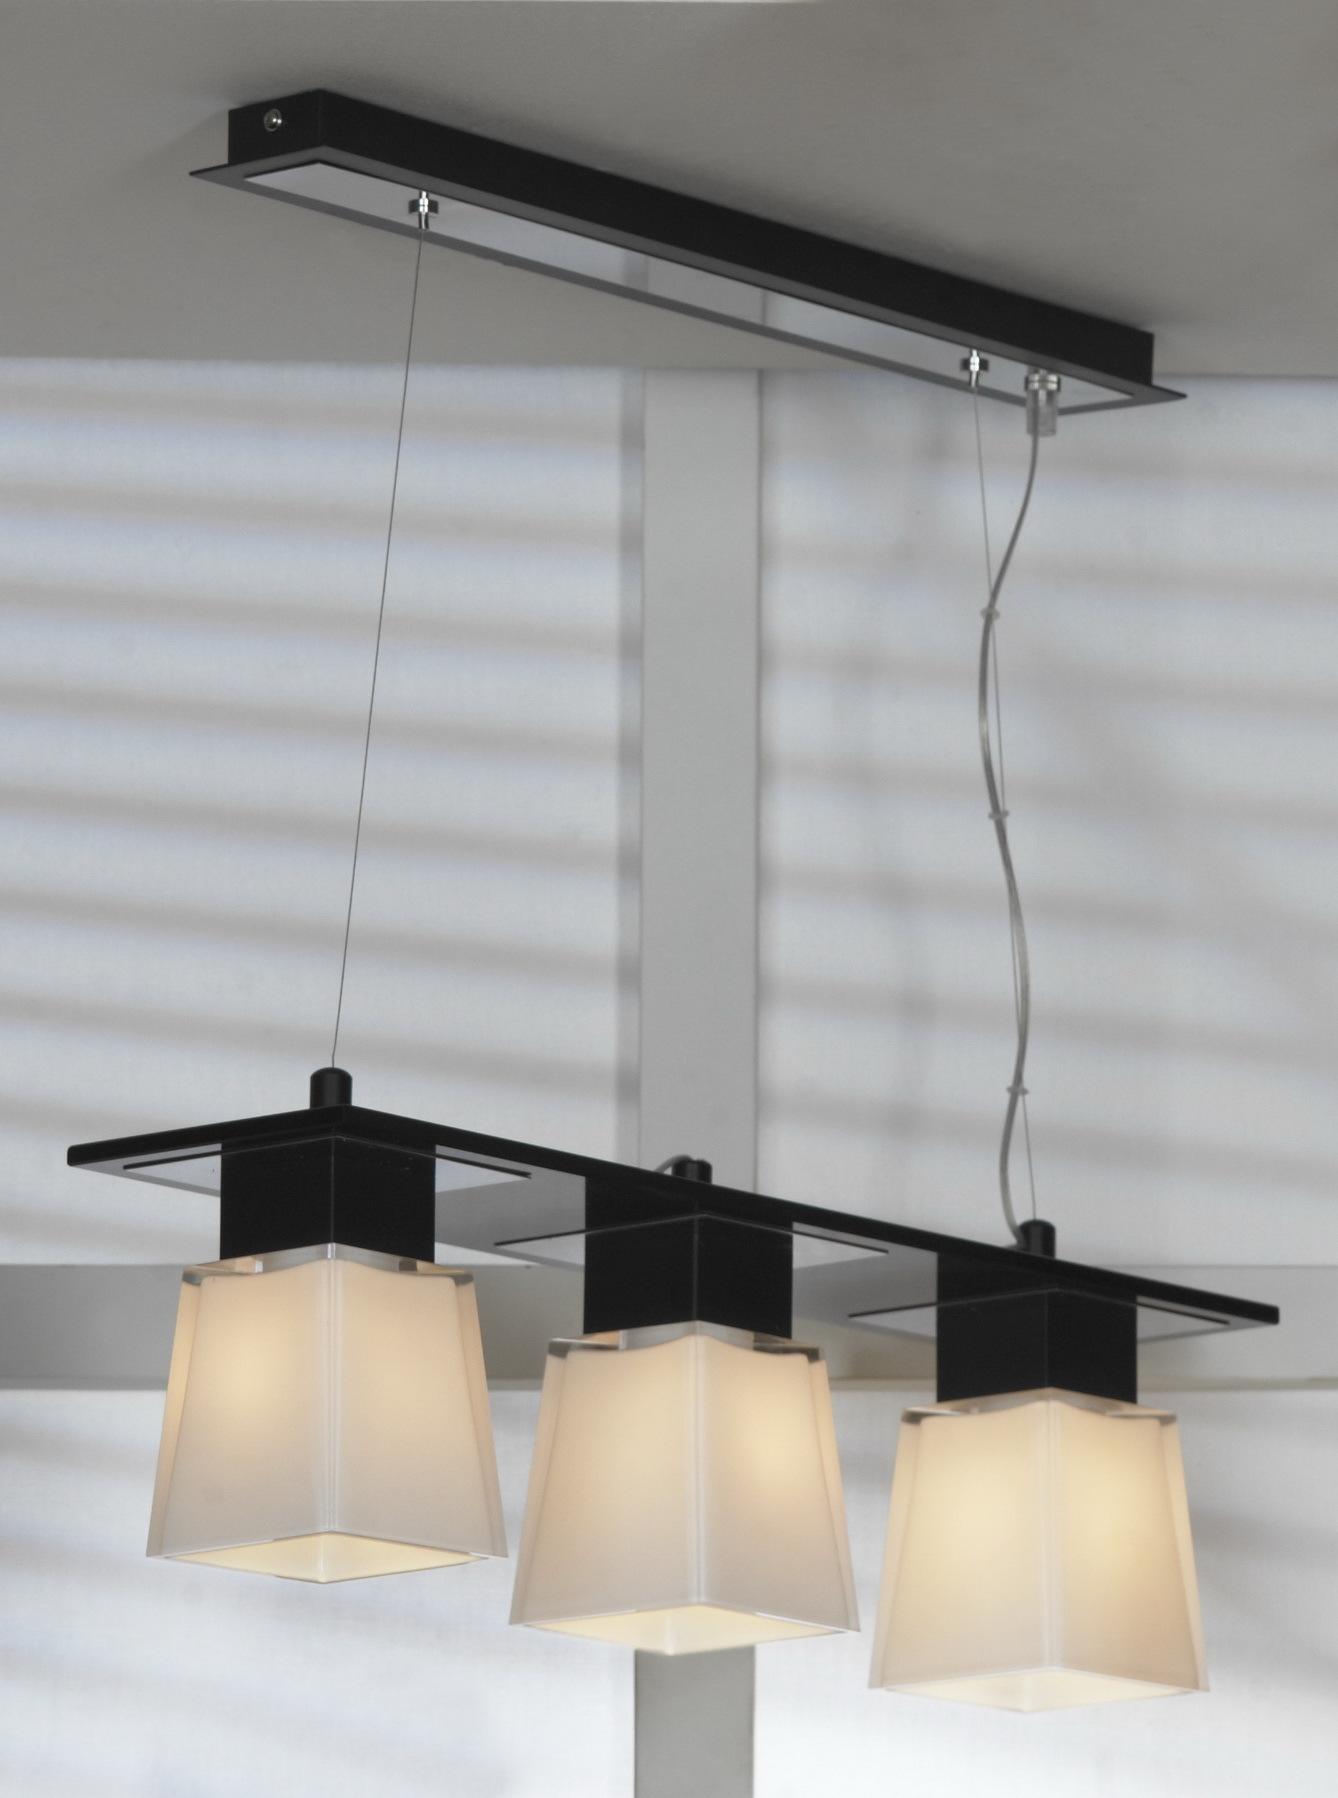 Подвесной светильник Lussole Loft Lente LSC-2503-03, IP21, 3xE14x40W, черный, белый, металл, стекло - фото 1